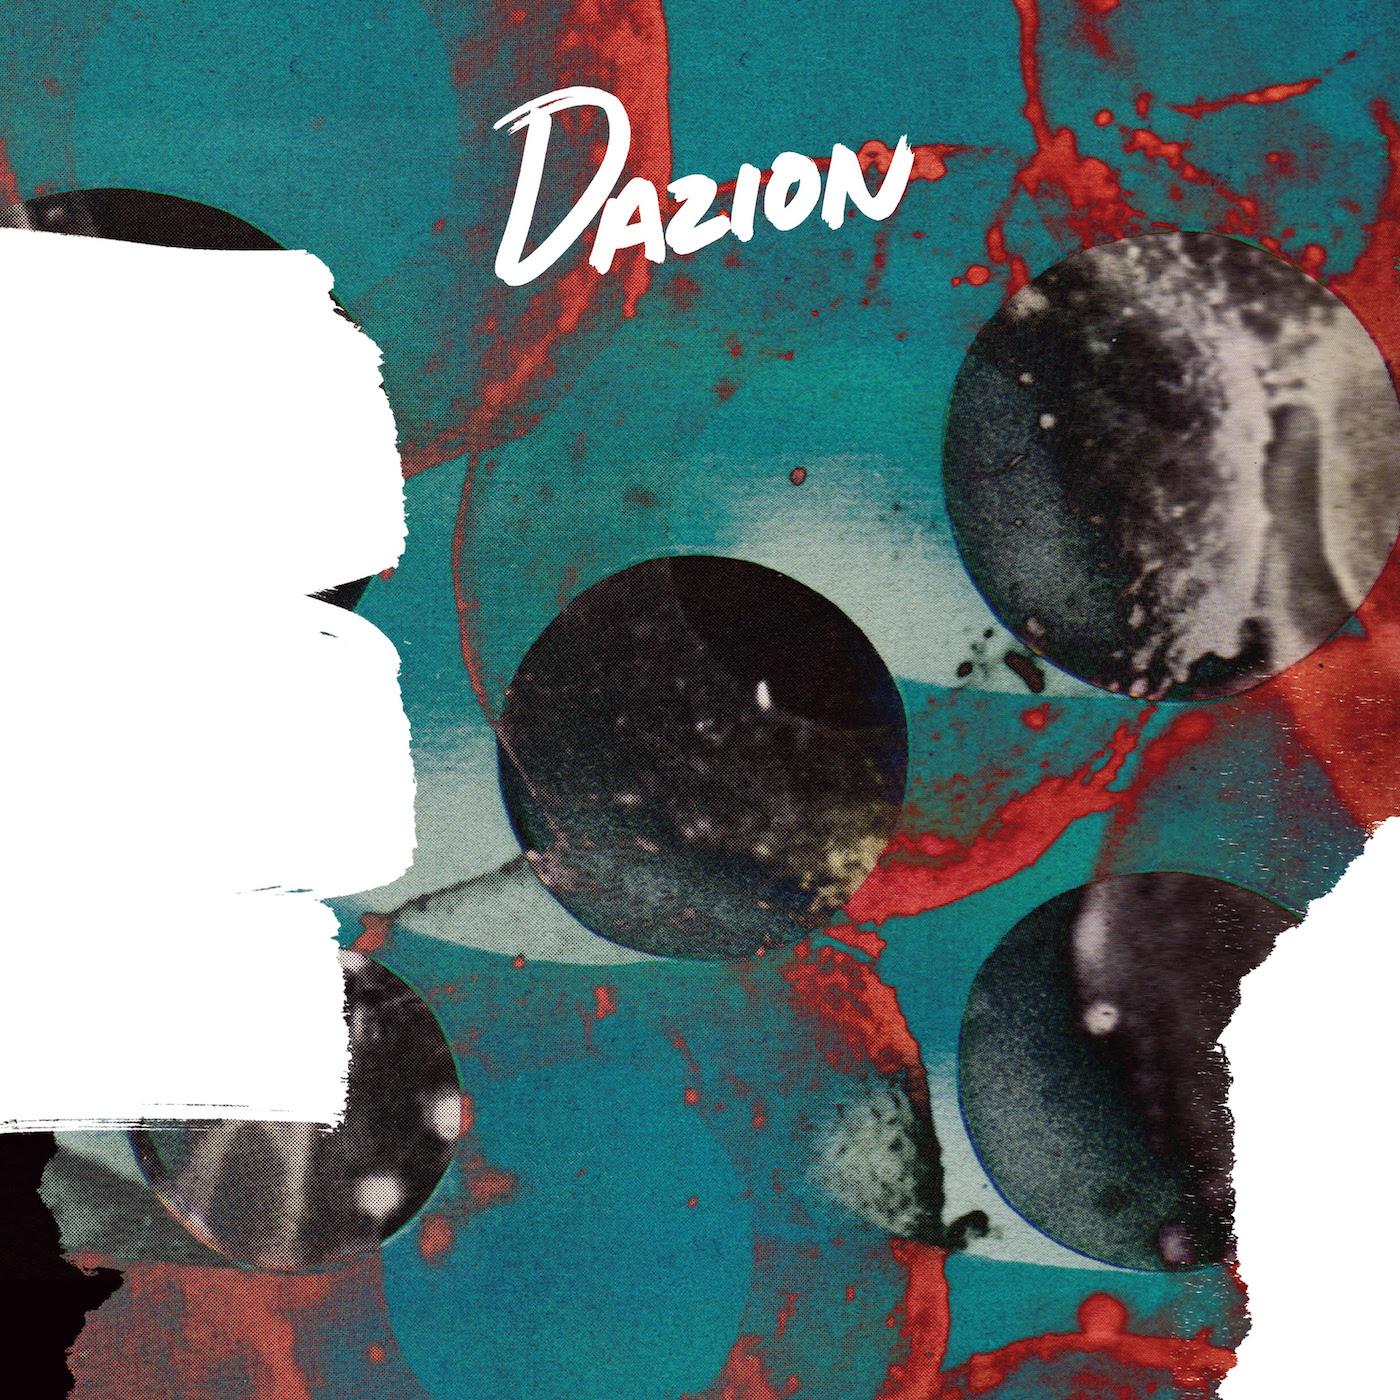 Dazion, second circle,